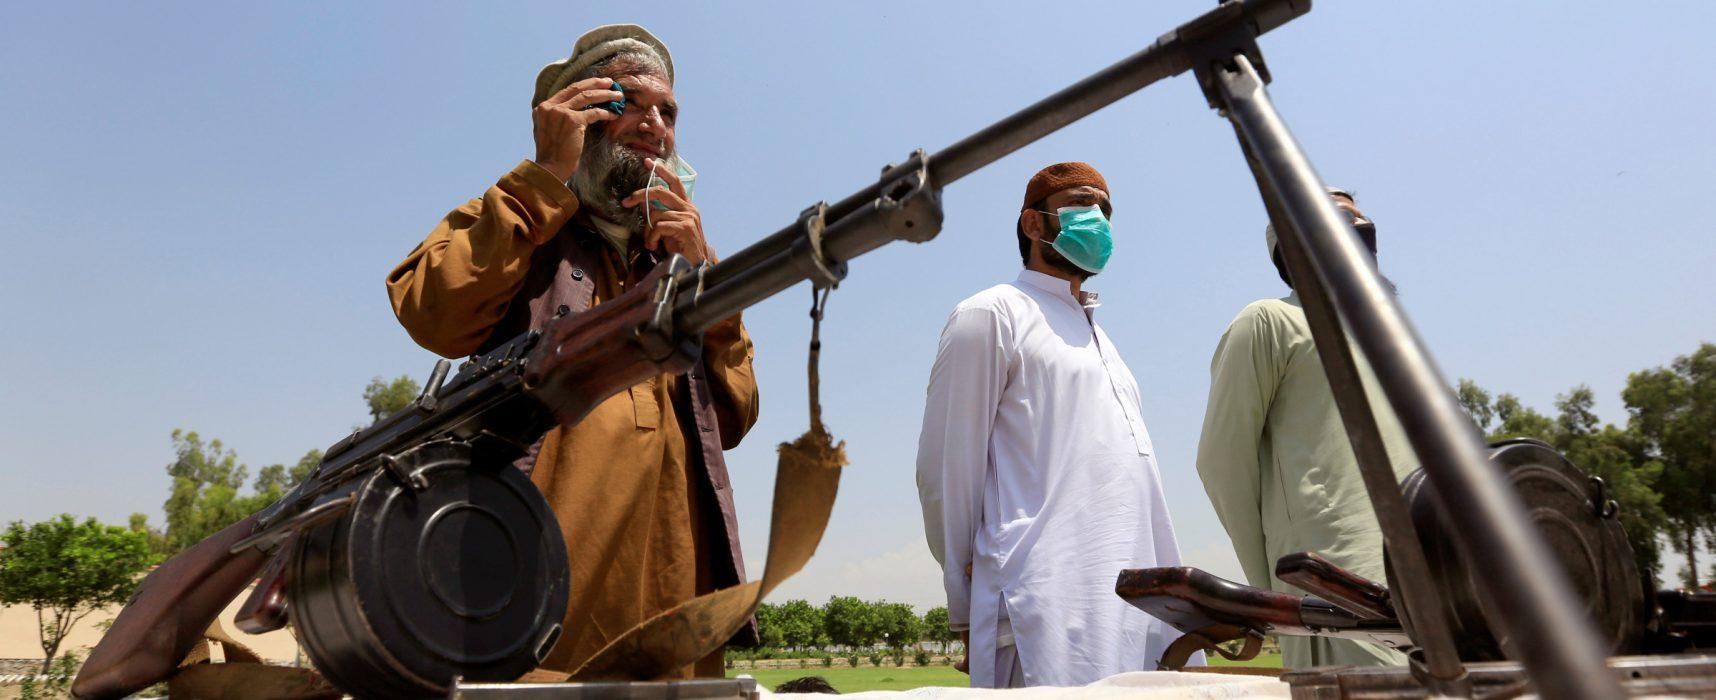 Фейк «Вестей»: госсекретарь Помпео назвал информацию о связях России с «Талибаном» ложной